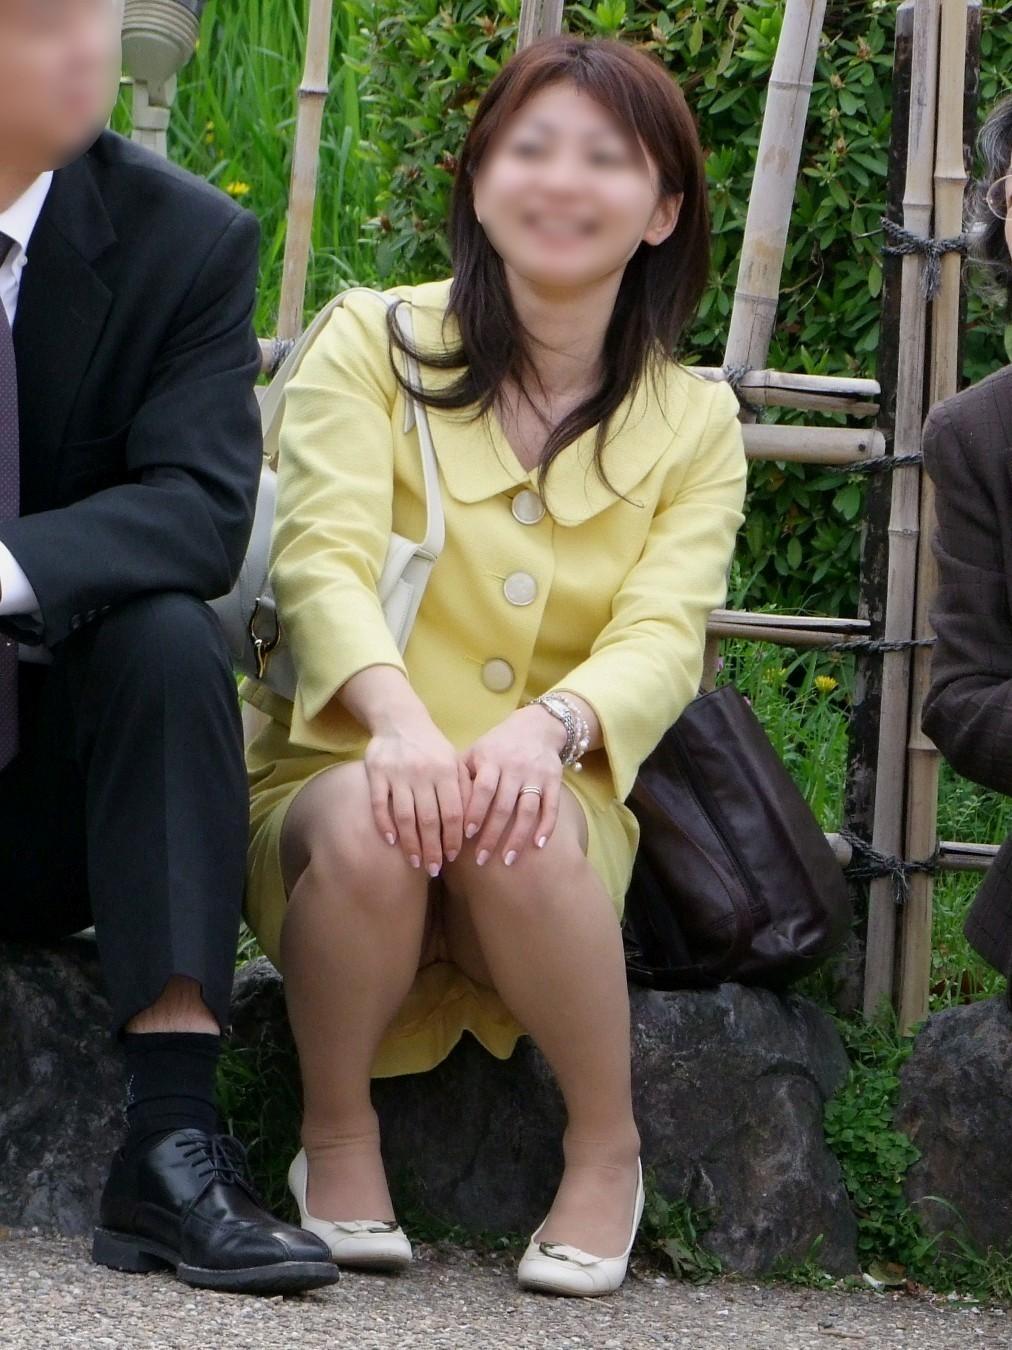 【パンチラエロ画像】貞操観念も疑わしくなってしまうような見え過ぎな座りパンチラwww 10